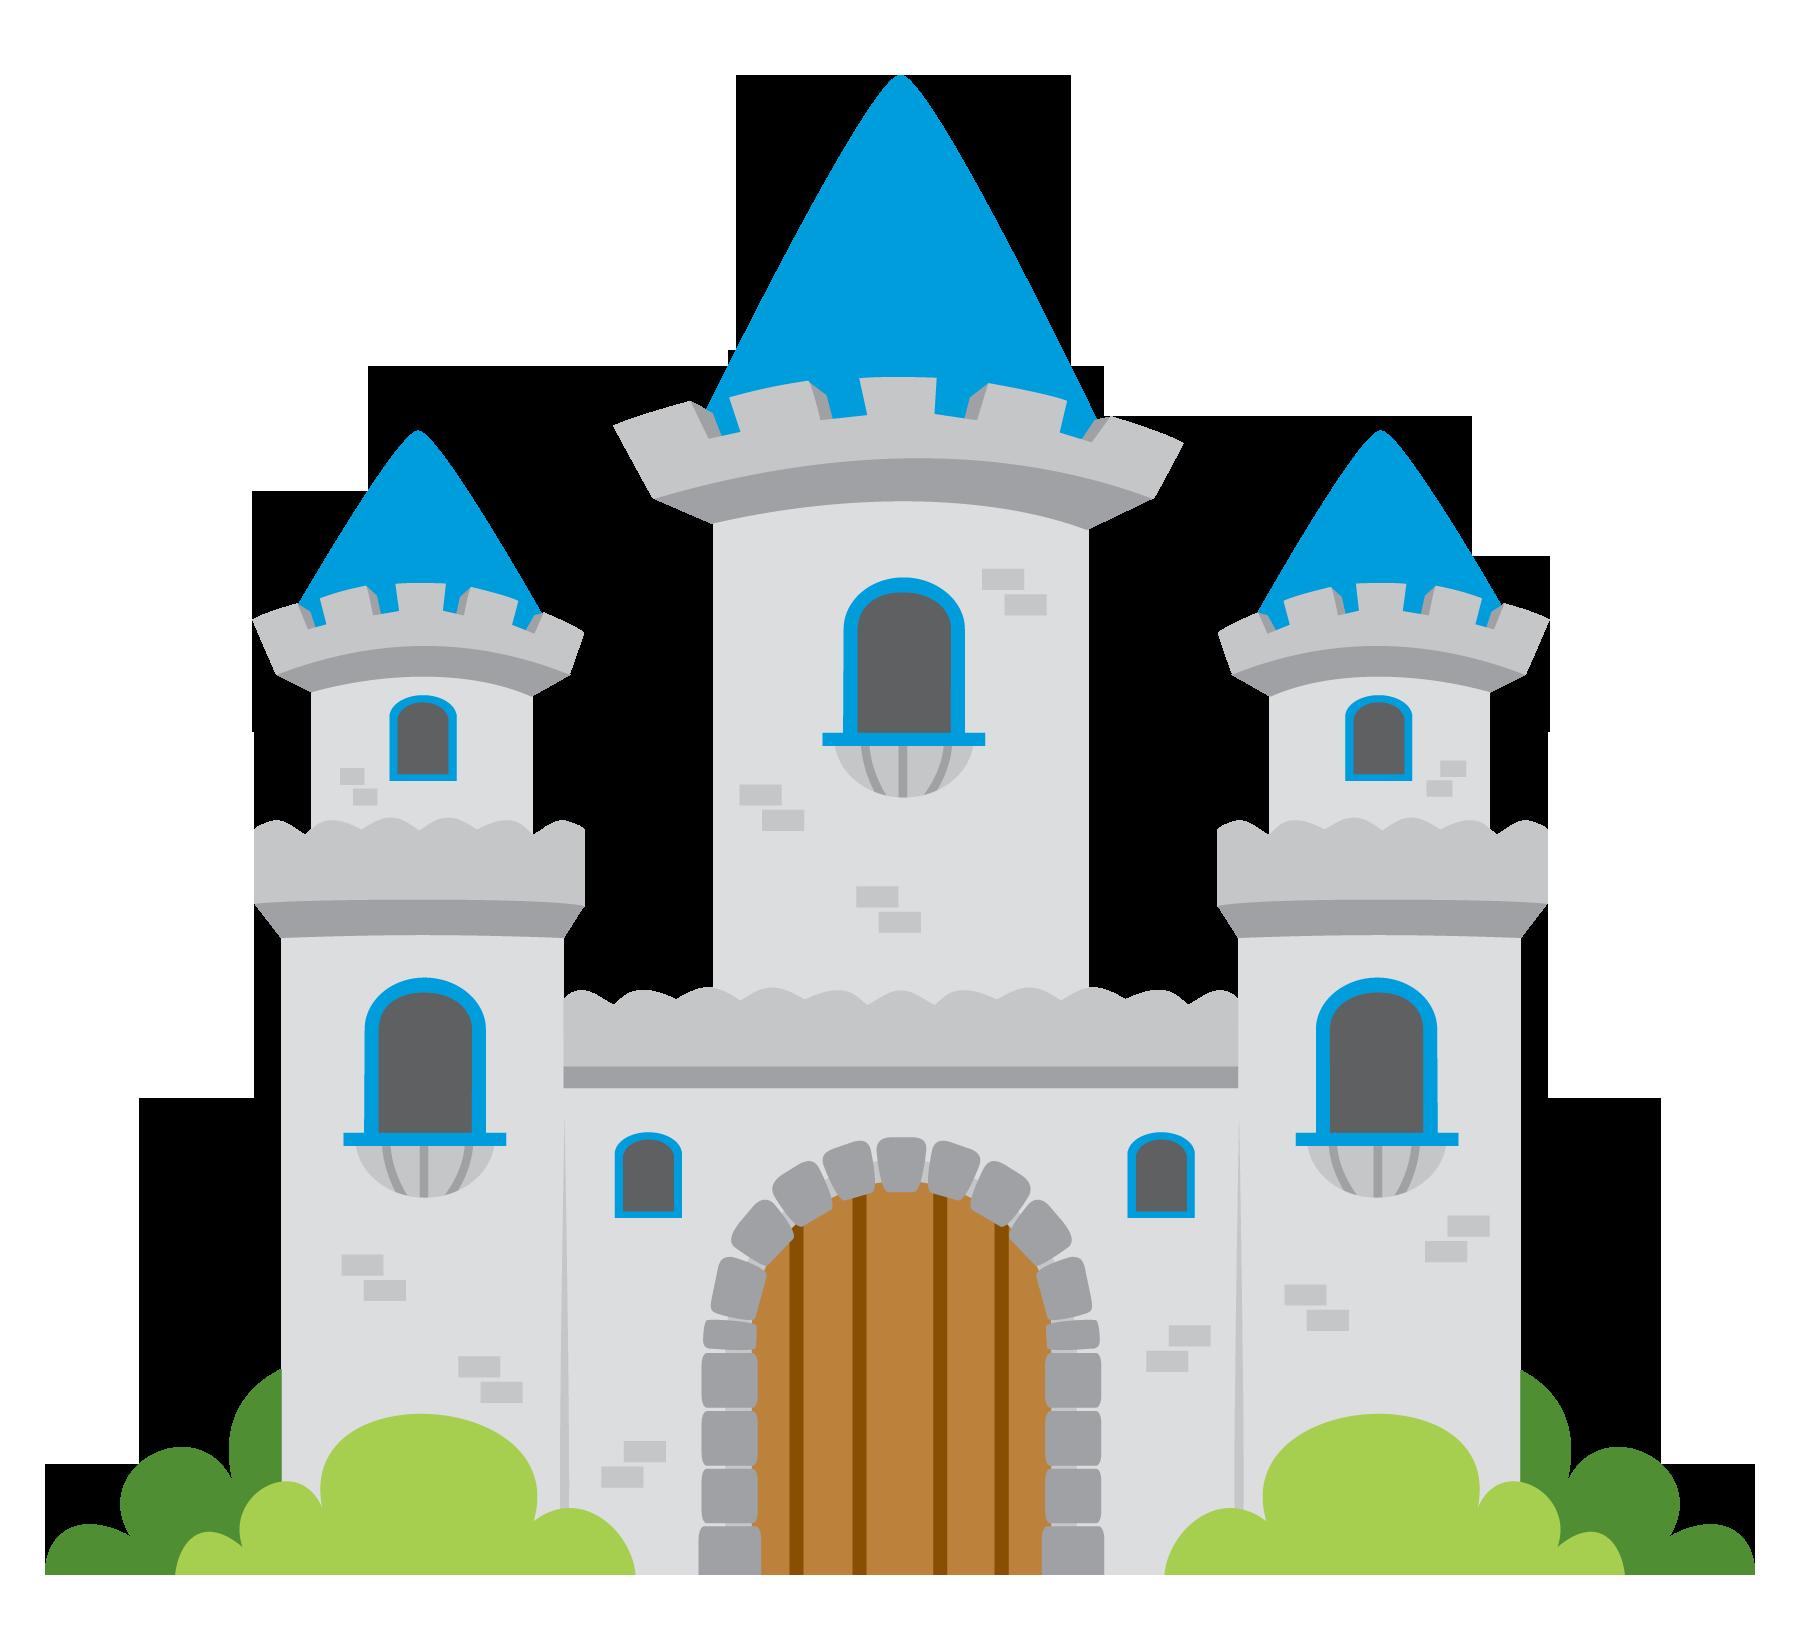 castle6.png 1,800×1,650 pixels.